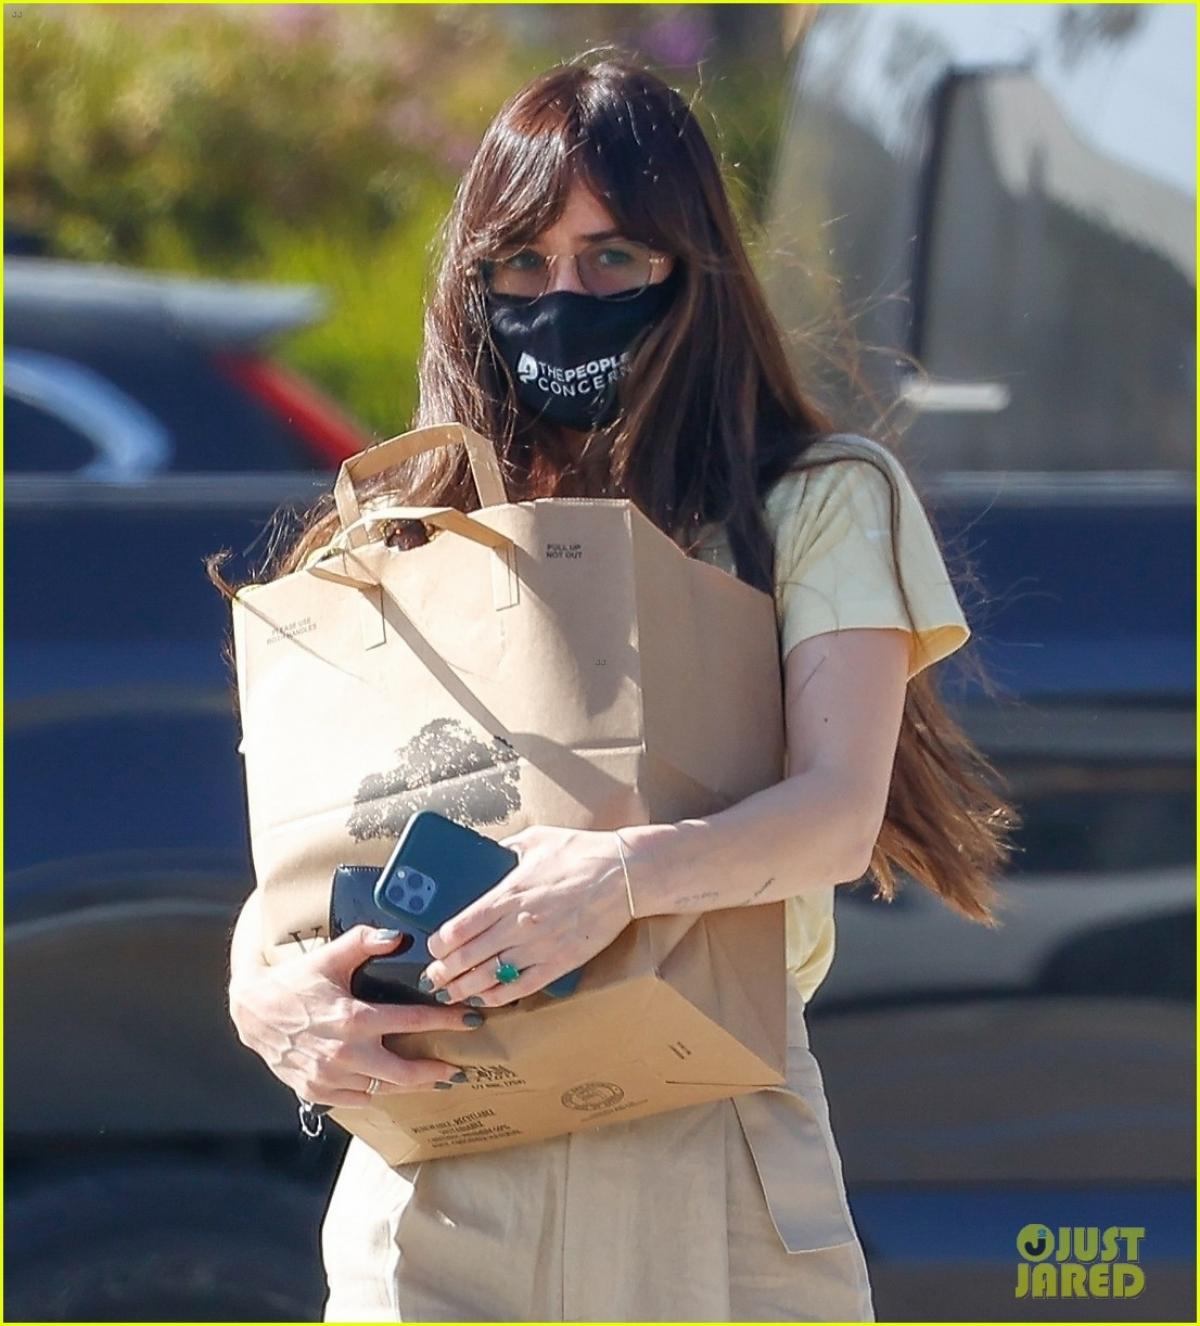 """Nữ diễn viên """"50 sắc thái"""" mặc đồ giản dị, đeo khẩu trang cẩn thận ra phố trong thời điểm dịch bệnh."""